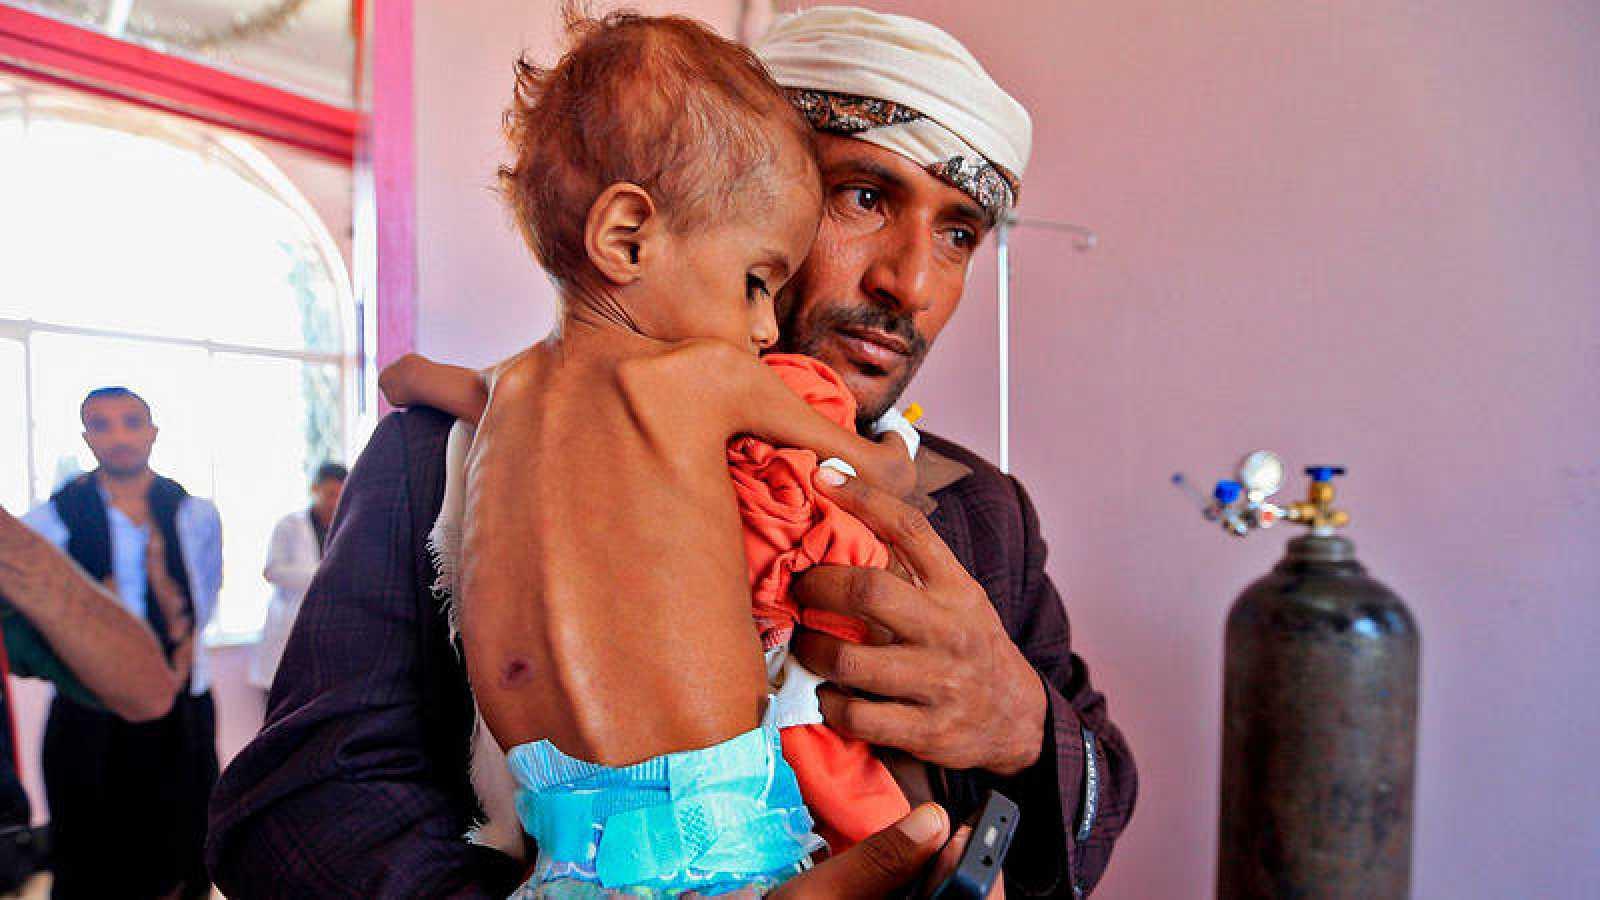 Imagen de archivo: un hombre lleva a su hijo malnutrido en brazos en un hospital de Saná, Yemen Foto: Mohammed HUWAIS / AFP